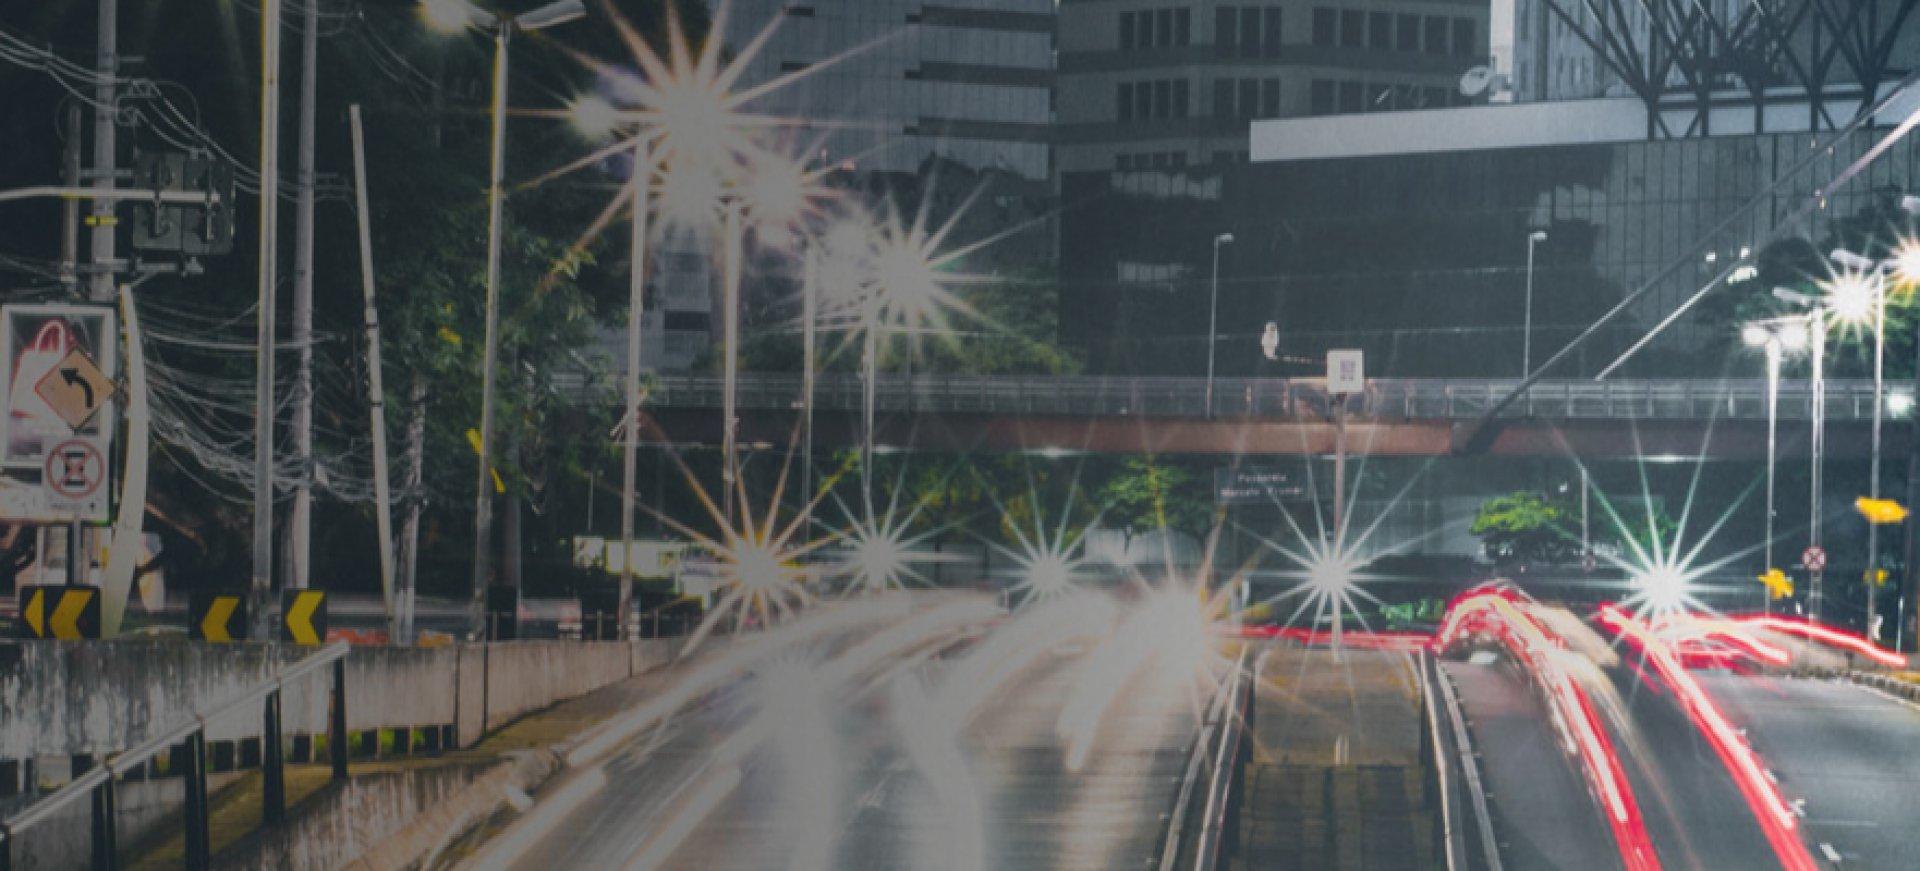 street lighting designer jobs scotland image result for most